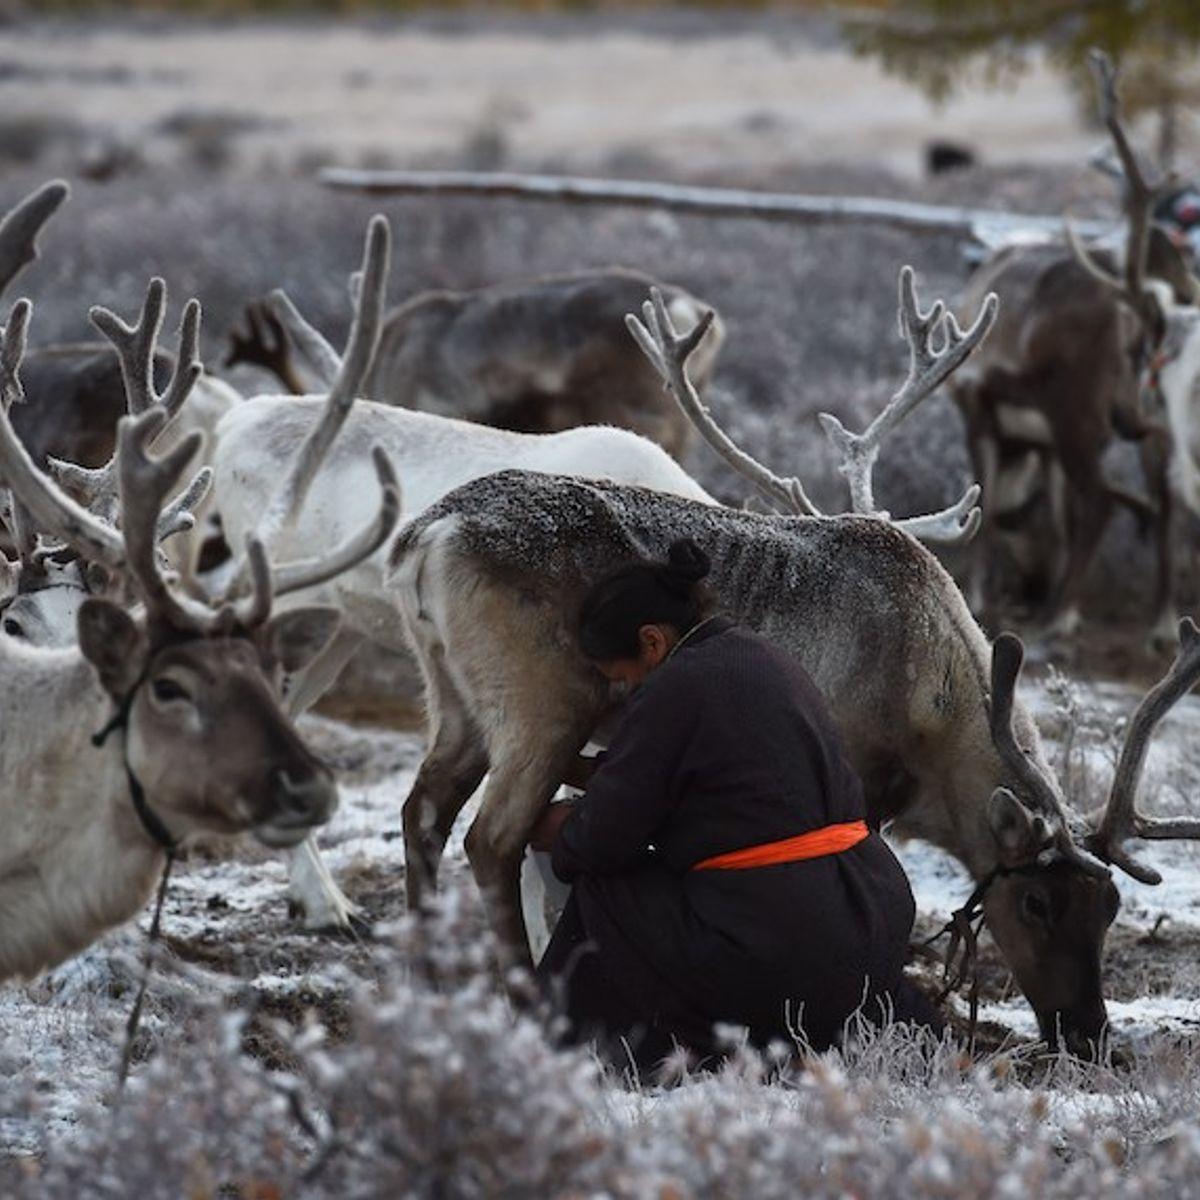 Conservation policies threaten indigenous reindeer herders in Mongolia